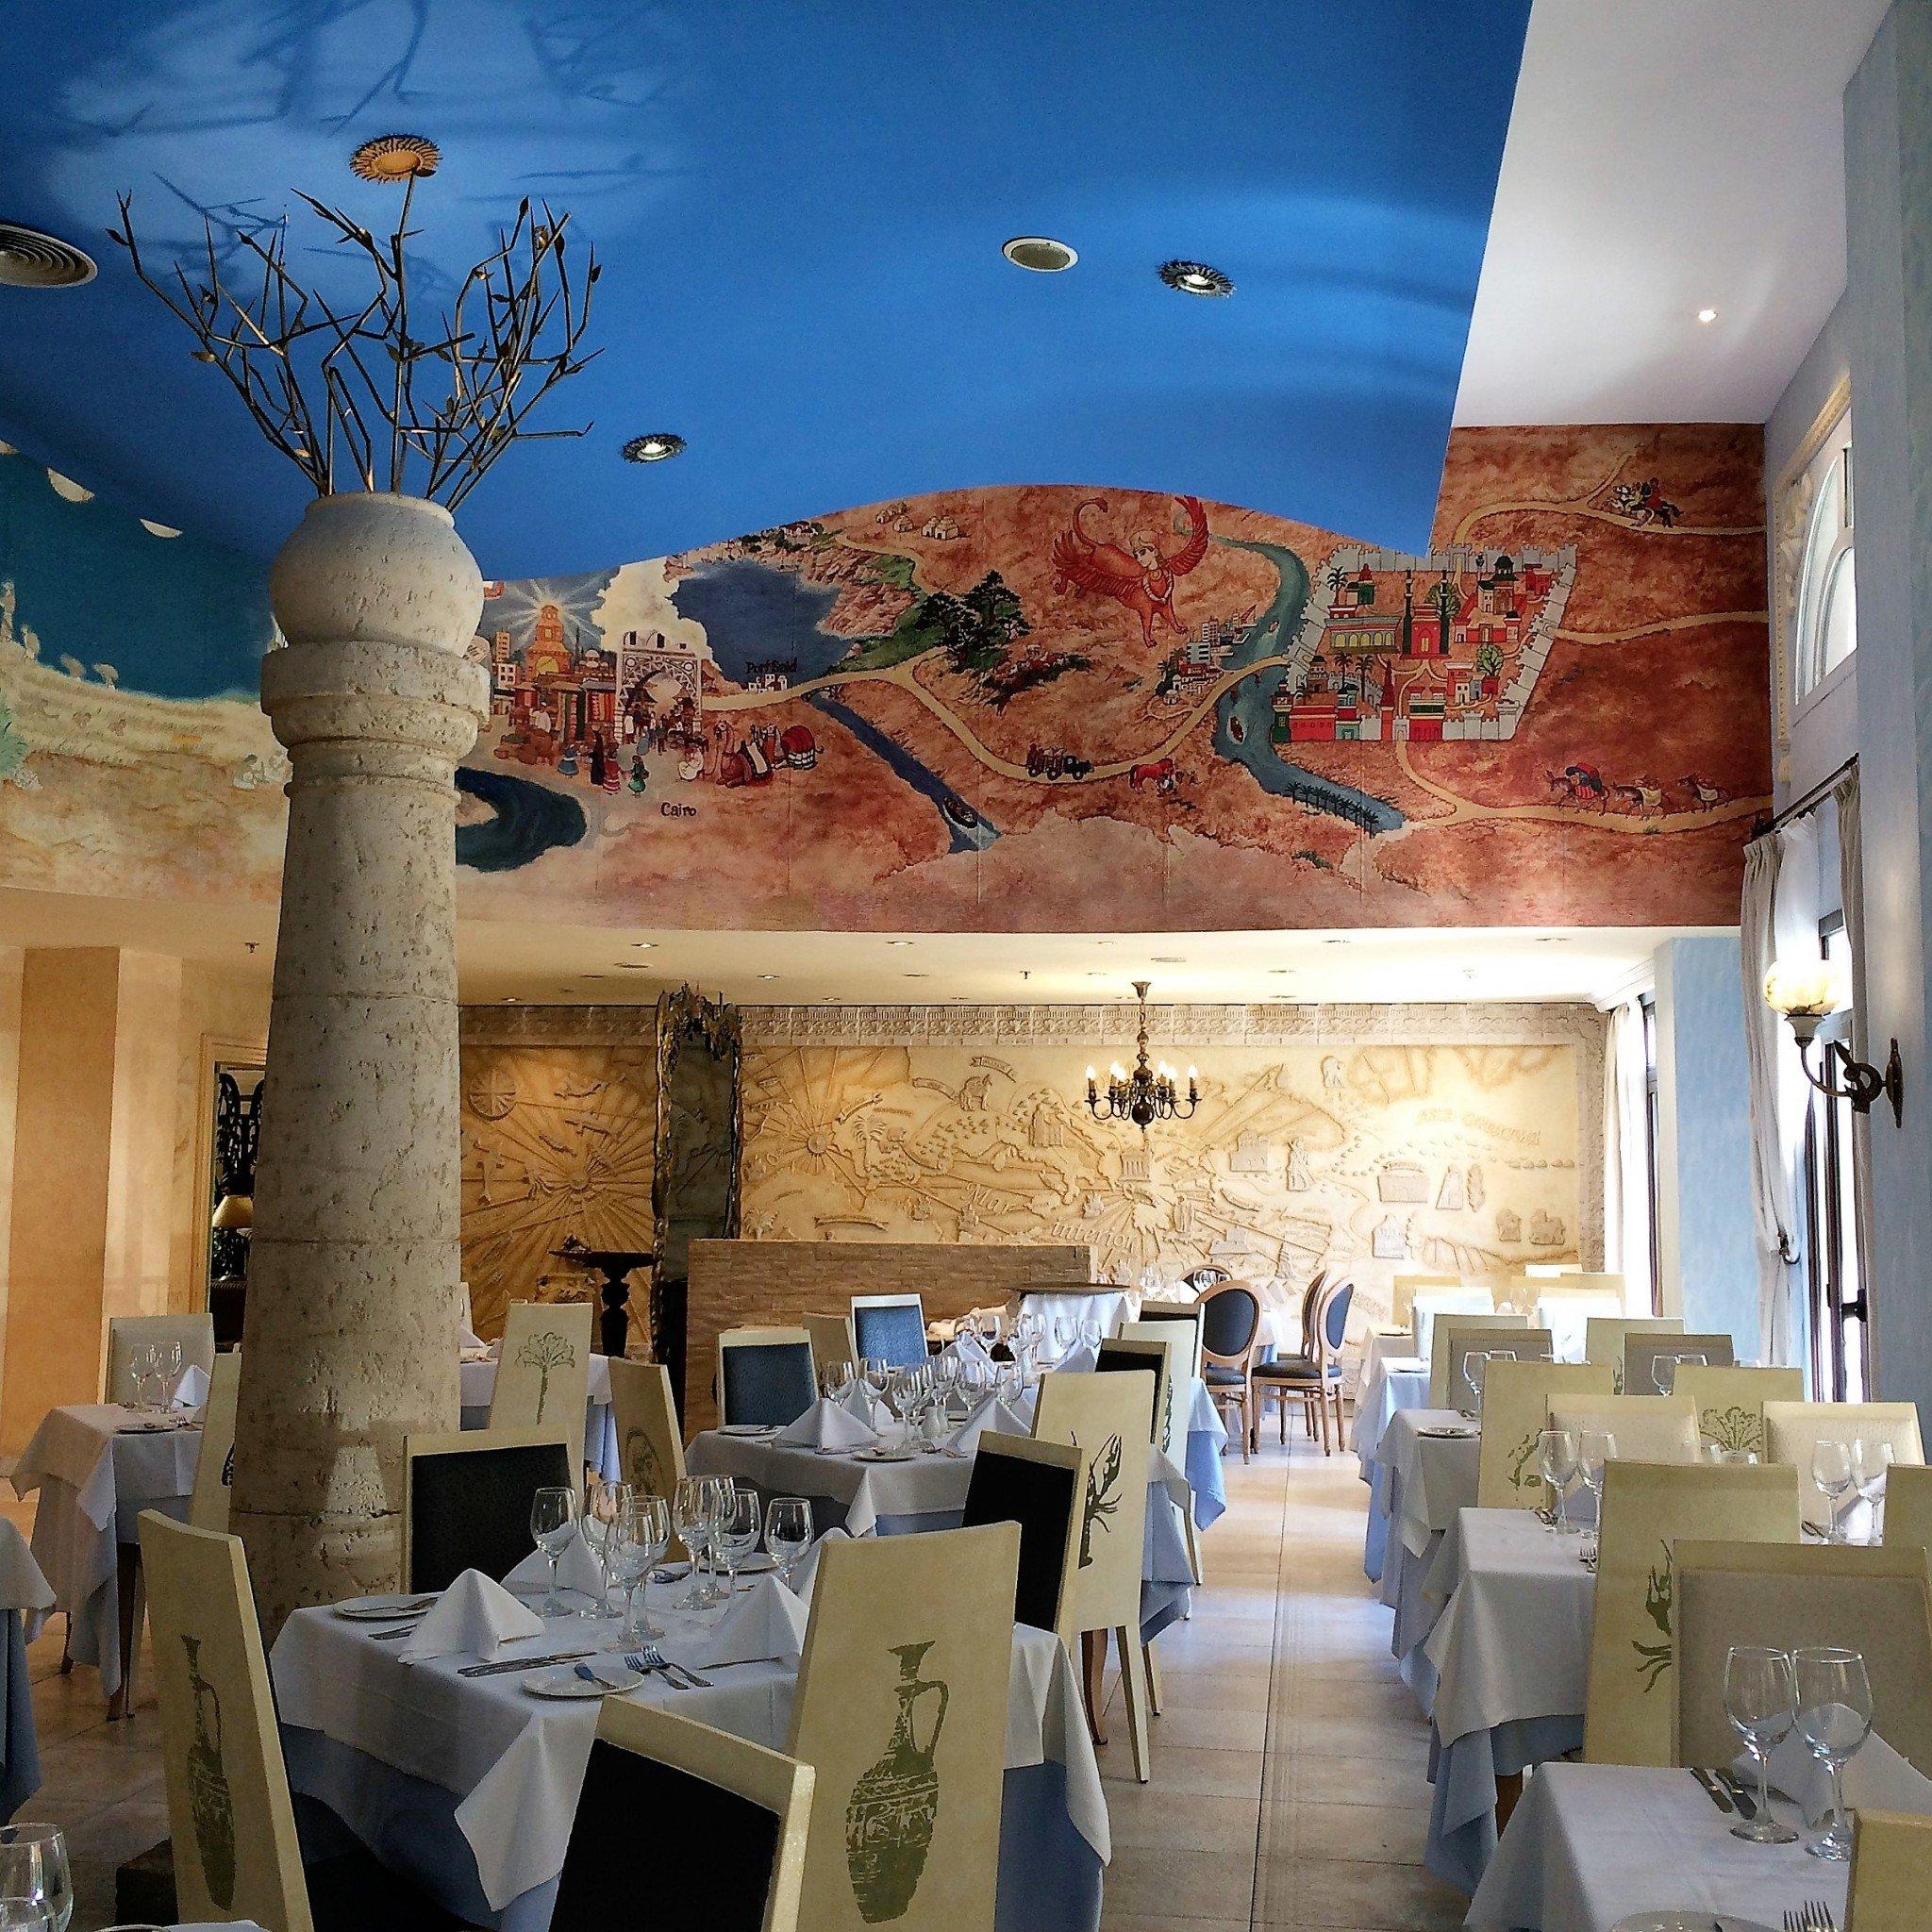 Havannan hotellin ravintolassa